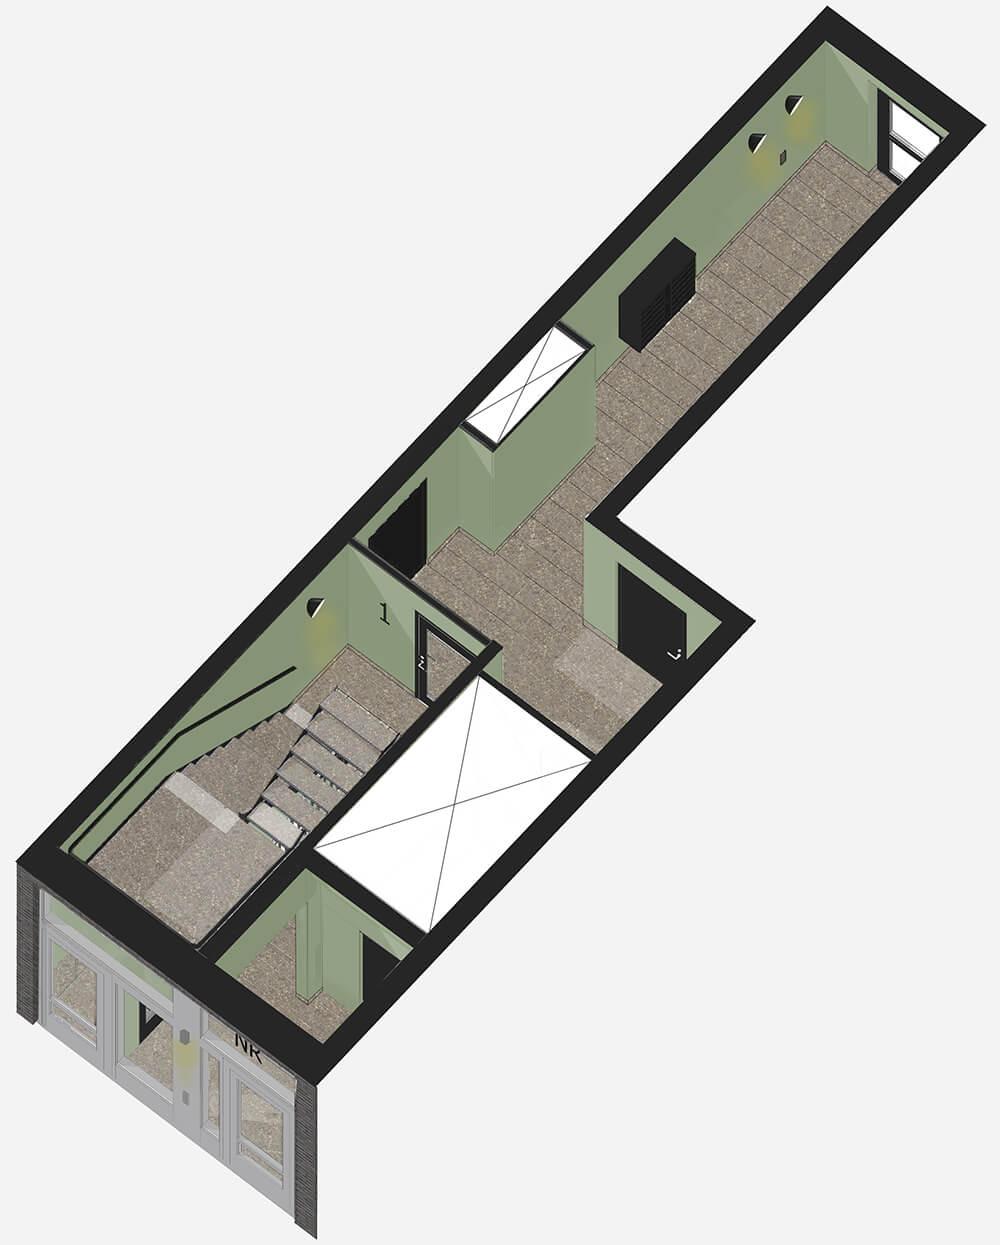 Stramt Grågrönt i trapphusen - Trapphusen är utformade med en och samma lugna strama gröngråa kulör på väggar och tak med en naturfärgad stenplatta på golv och trappor. Dörrar, räcken, postlådor och hissfronter markeras tydligt med samma svarta färg.